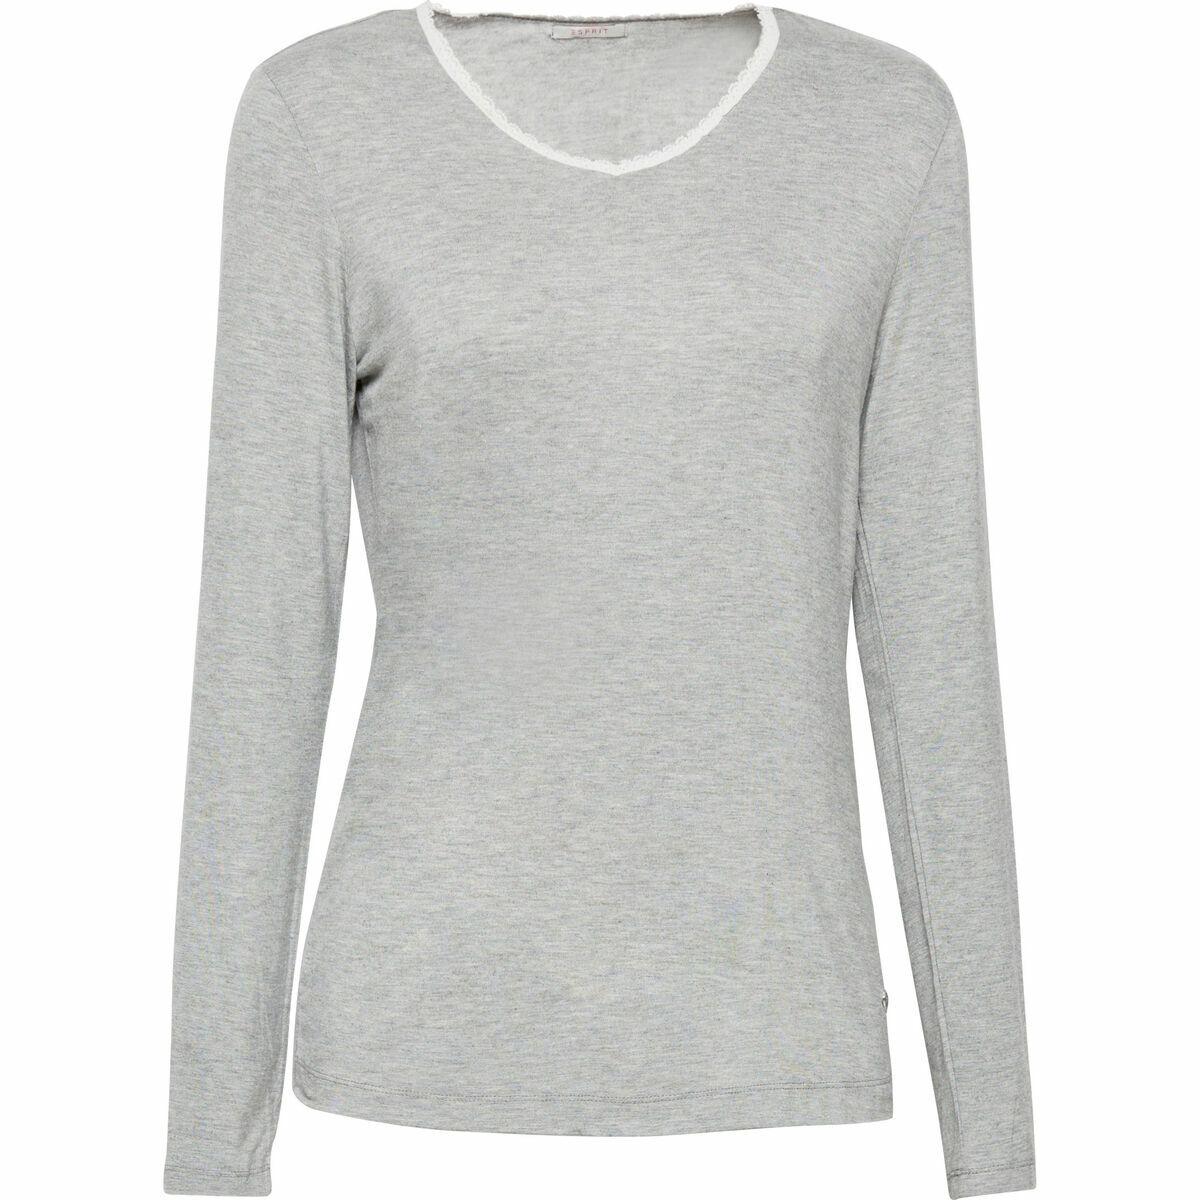 Bild 1 von Esprit Damen Shirt, langarm